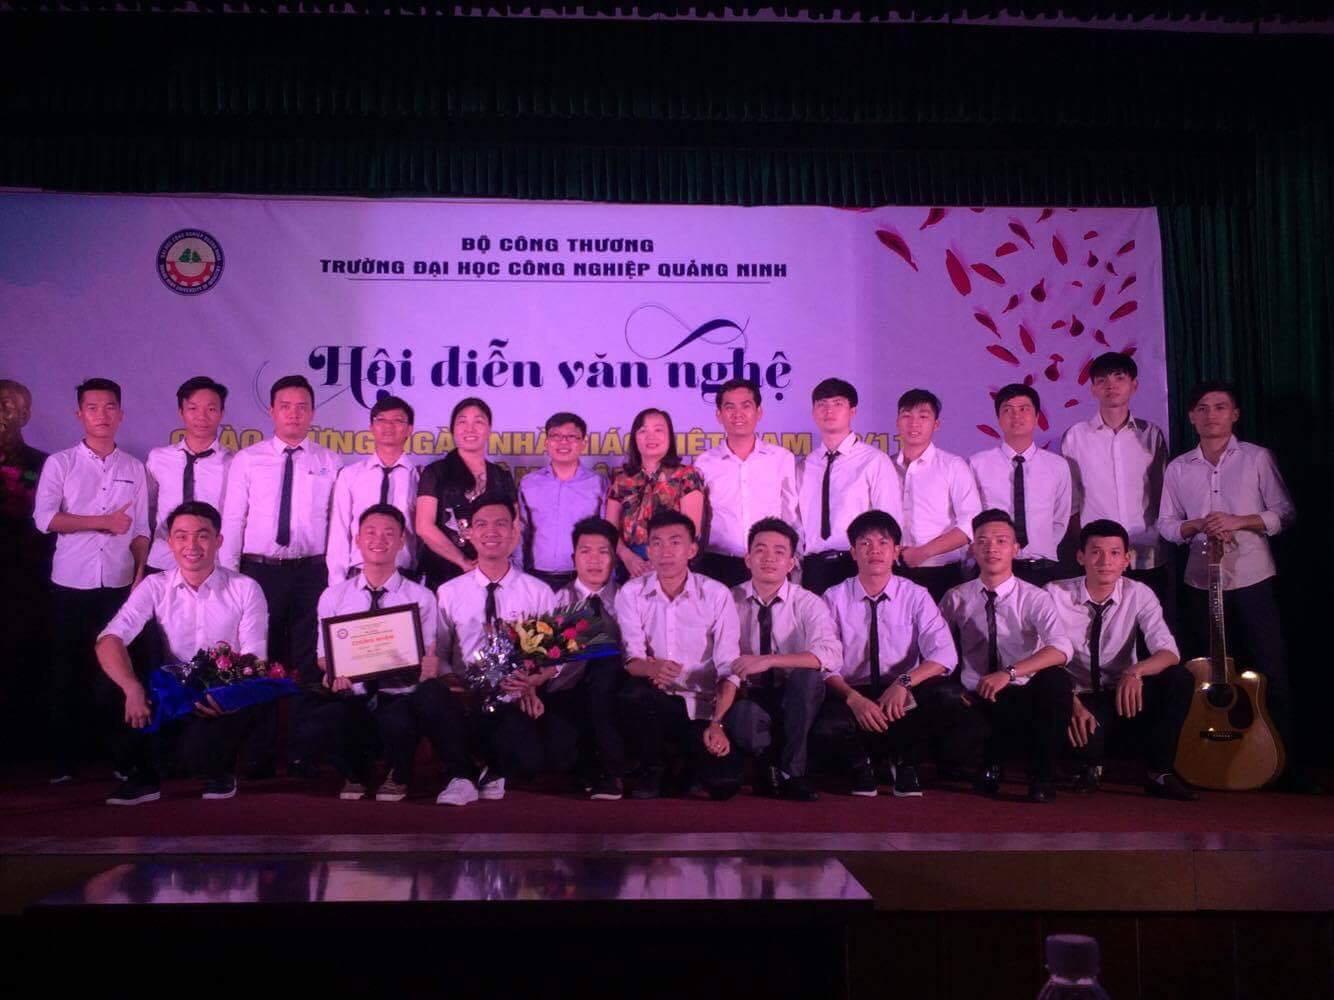 Tưng bừng hội diễn văn nghệ chào mừng 20-11 và 59 năm thành lập trường